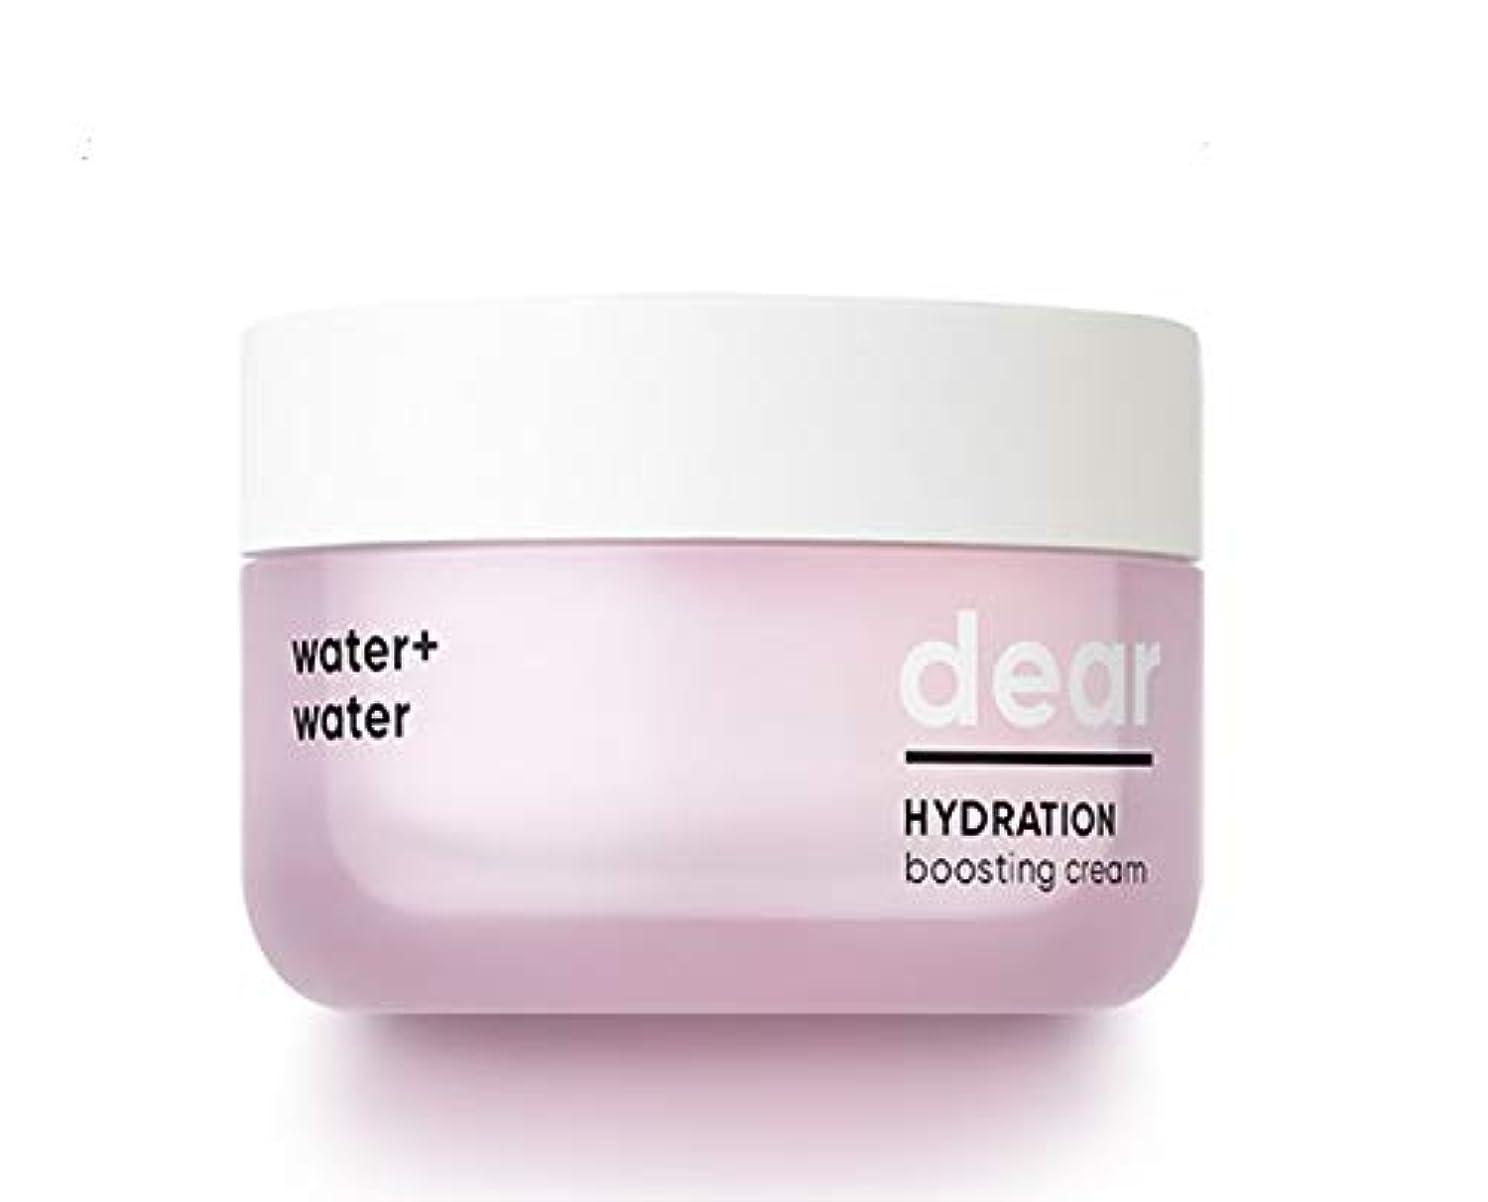 暗殺するナプキン健全[New] BANILA CO dear Hydration Boosting Cream 50ml / (Banila co) パニルラ鼻ディアハイドゥレイションブースティングクリーム50ml [並行輸入品]